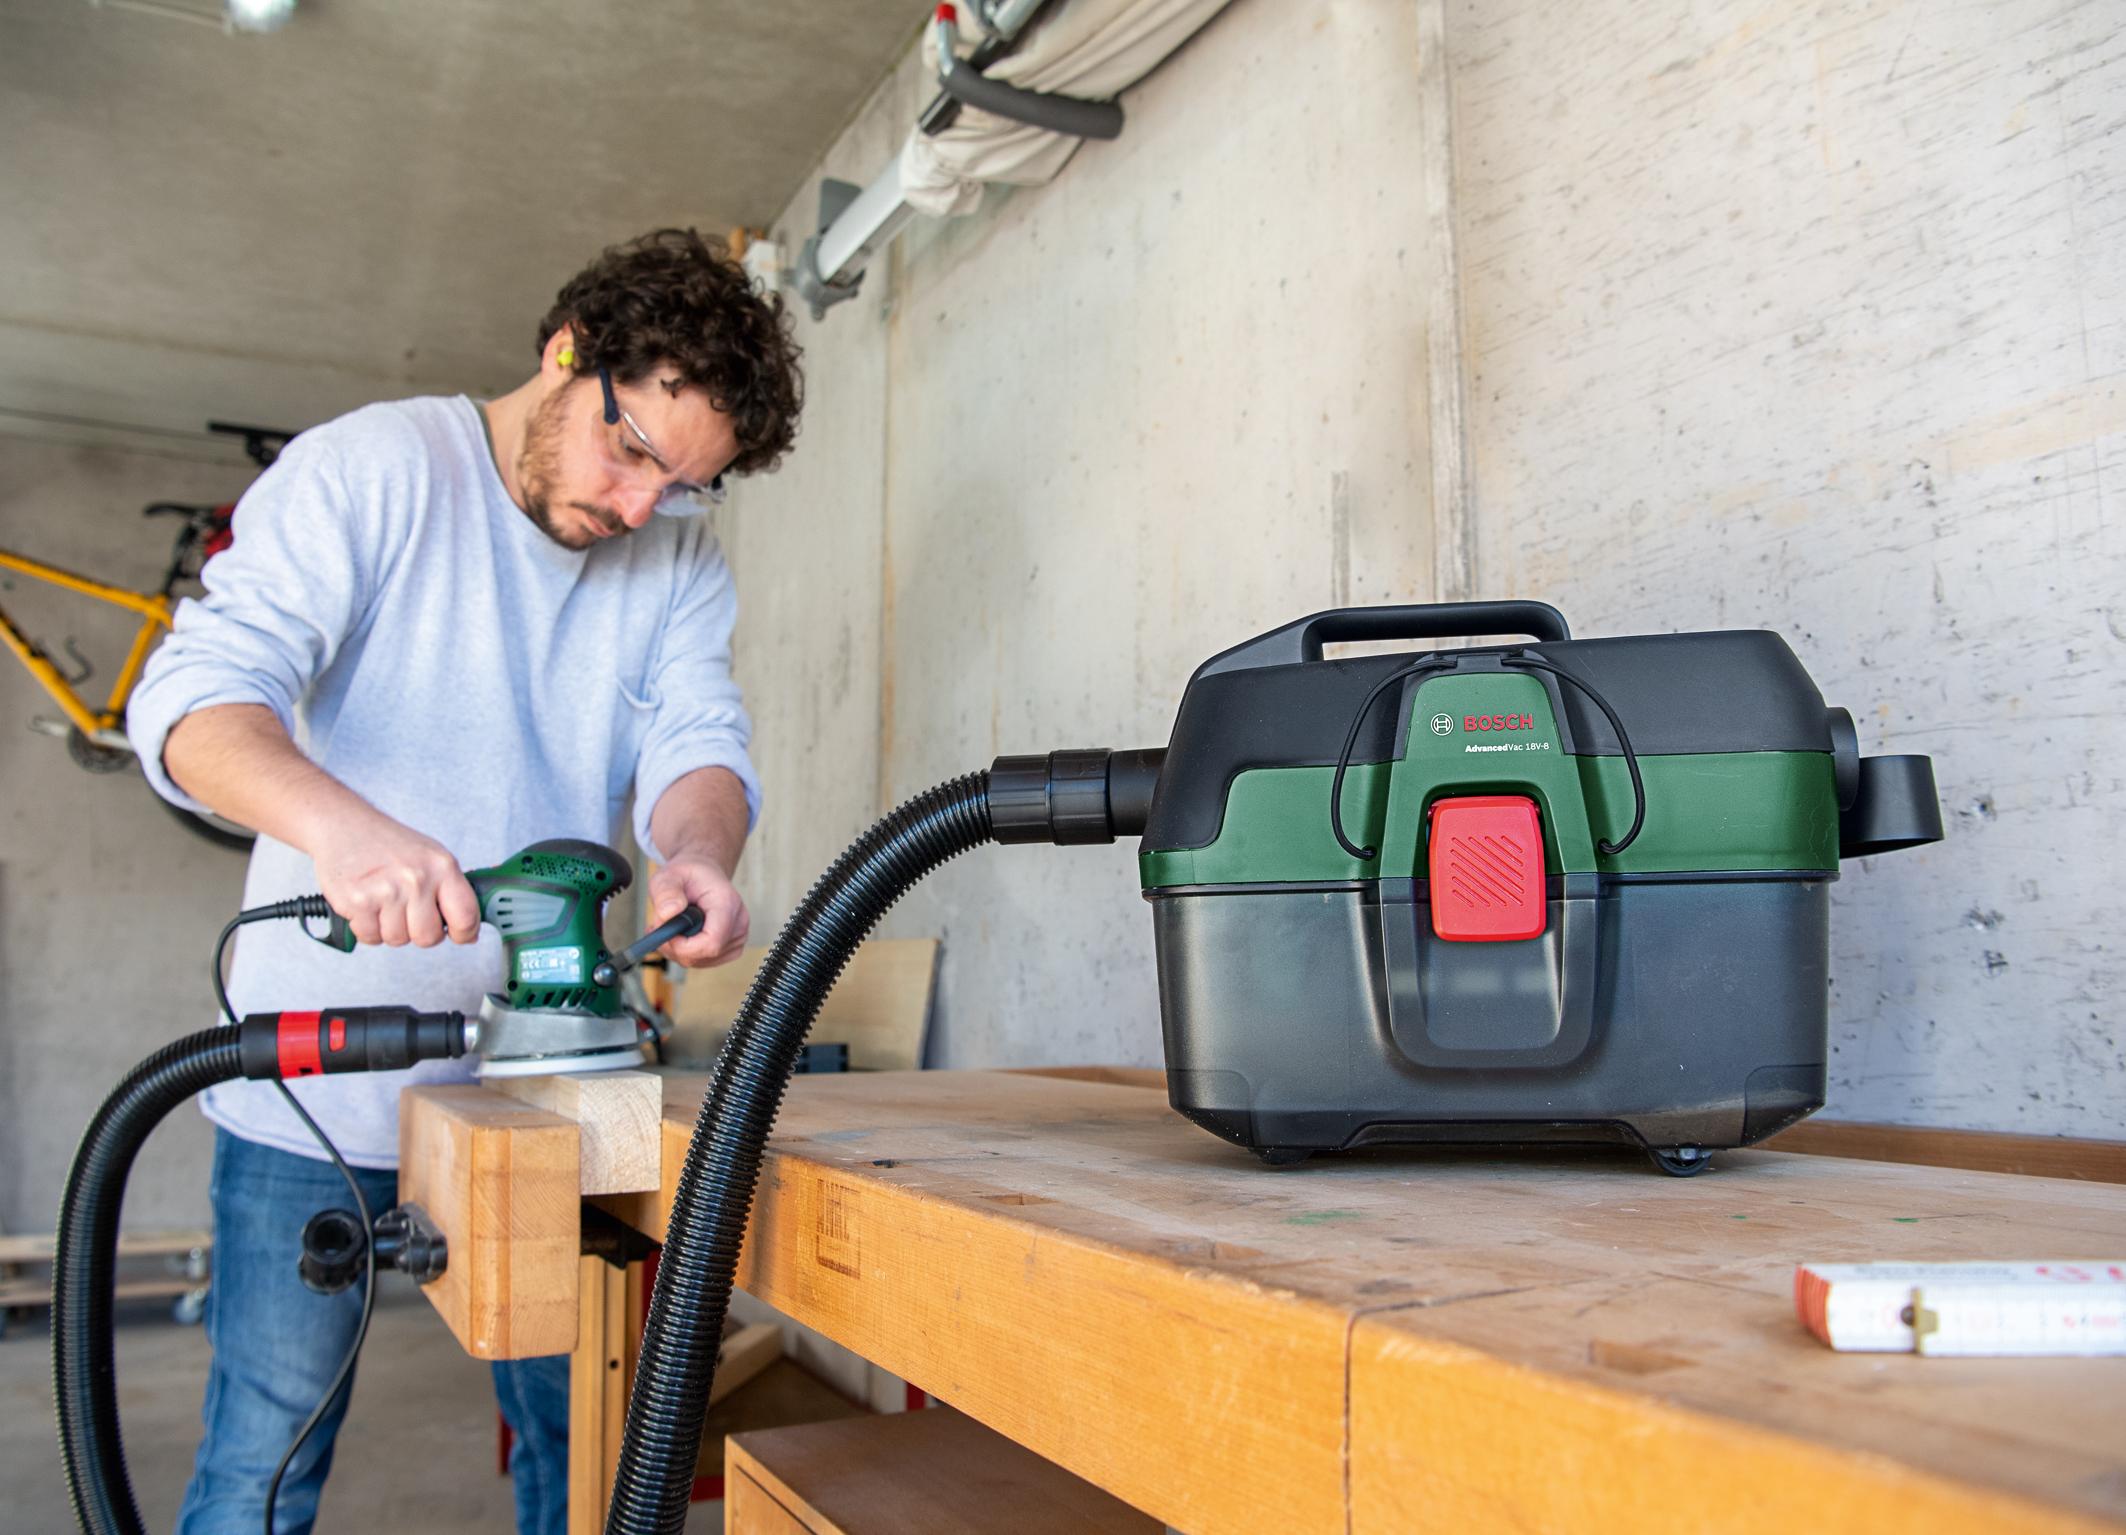 Universaladapter zur Staubabsaugung an Elektrowerkzeugen: Mobiles 3-in-1-Multitalent AdvancedVac 18V-8 von Bosch für Heimwerker